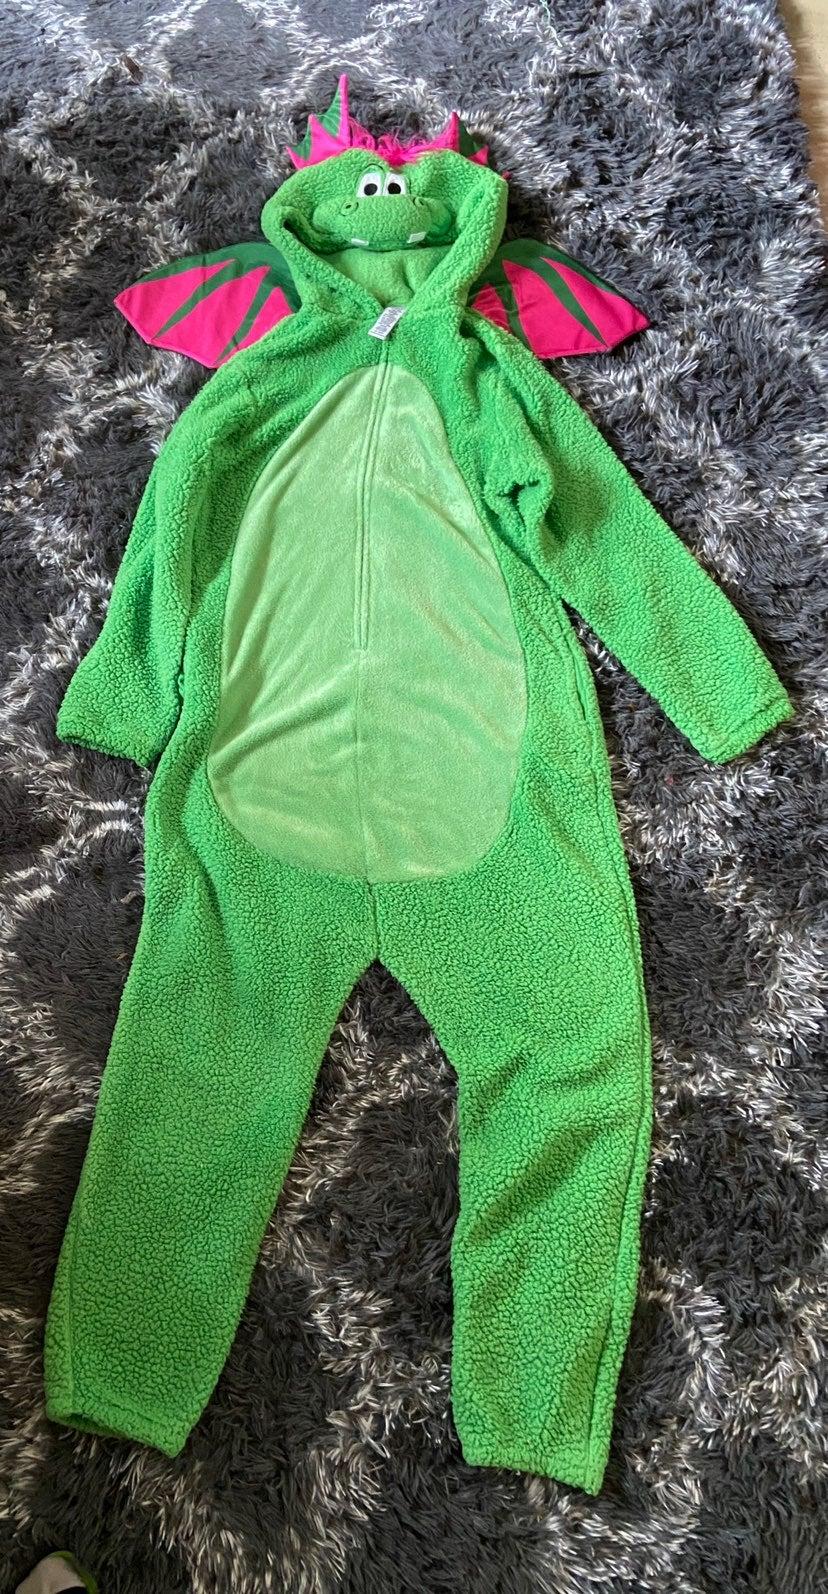 Puff the Magic Dragon Costume Onesie